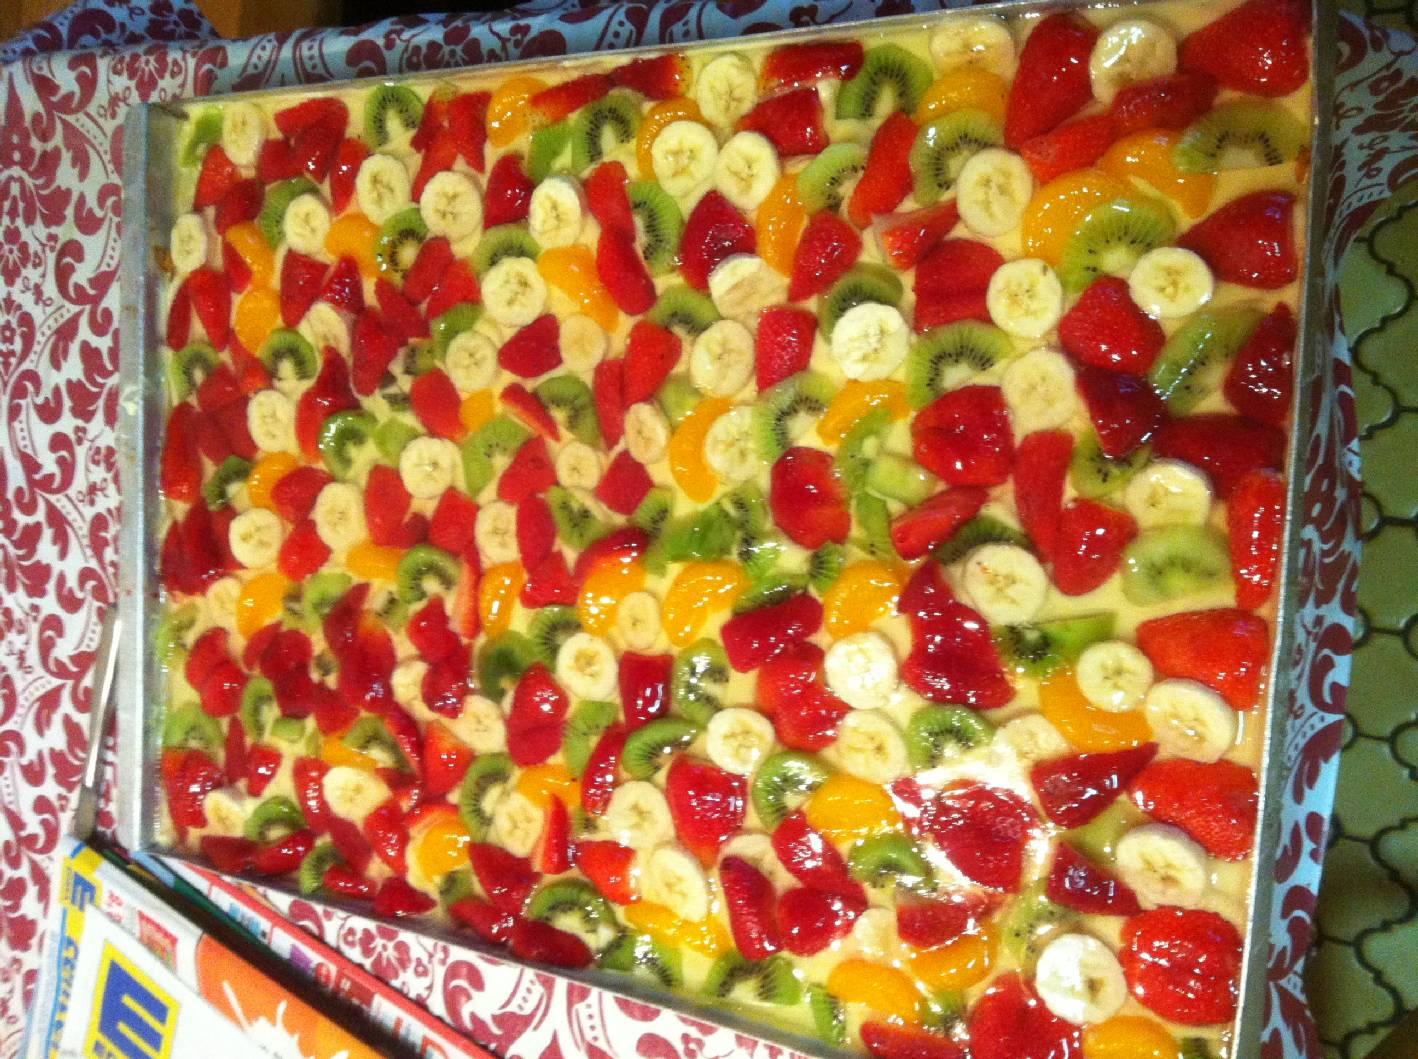 Backerei Buschle Gbr In Muhlheim Stetten Kuchen Torten